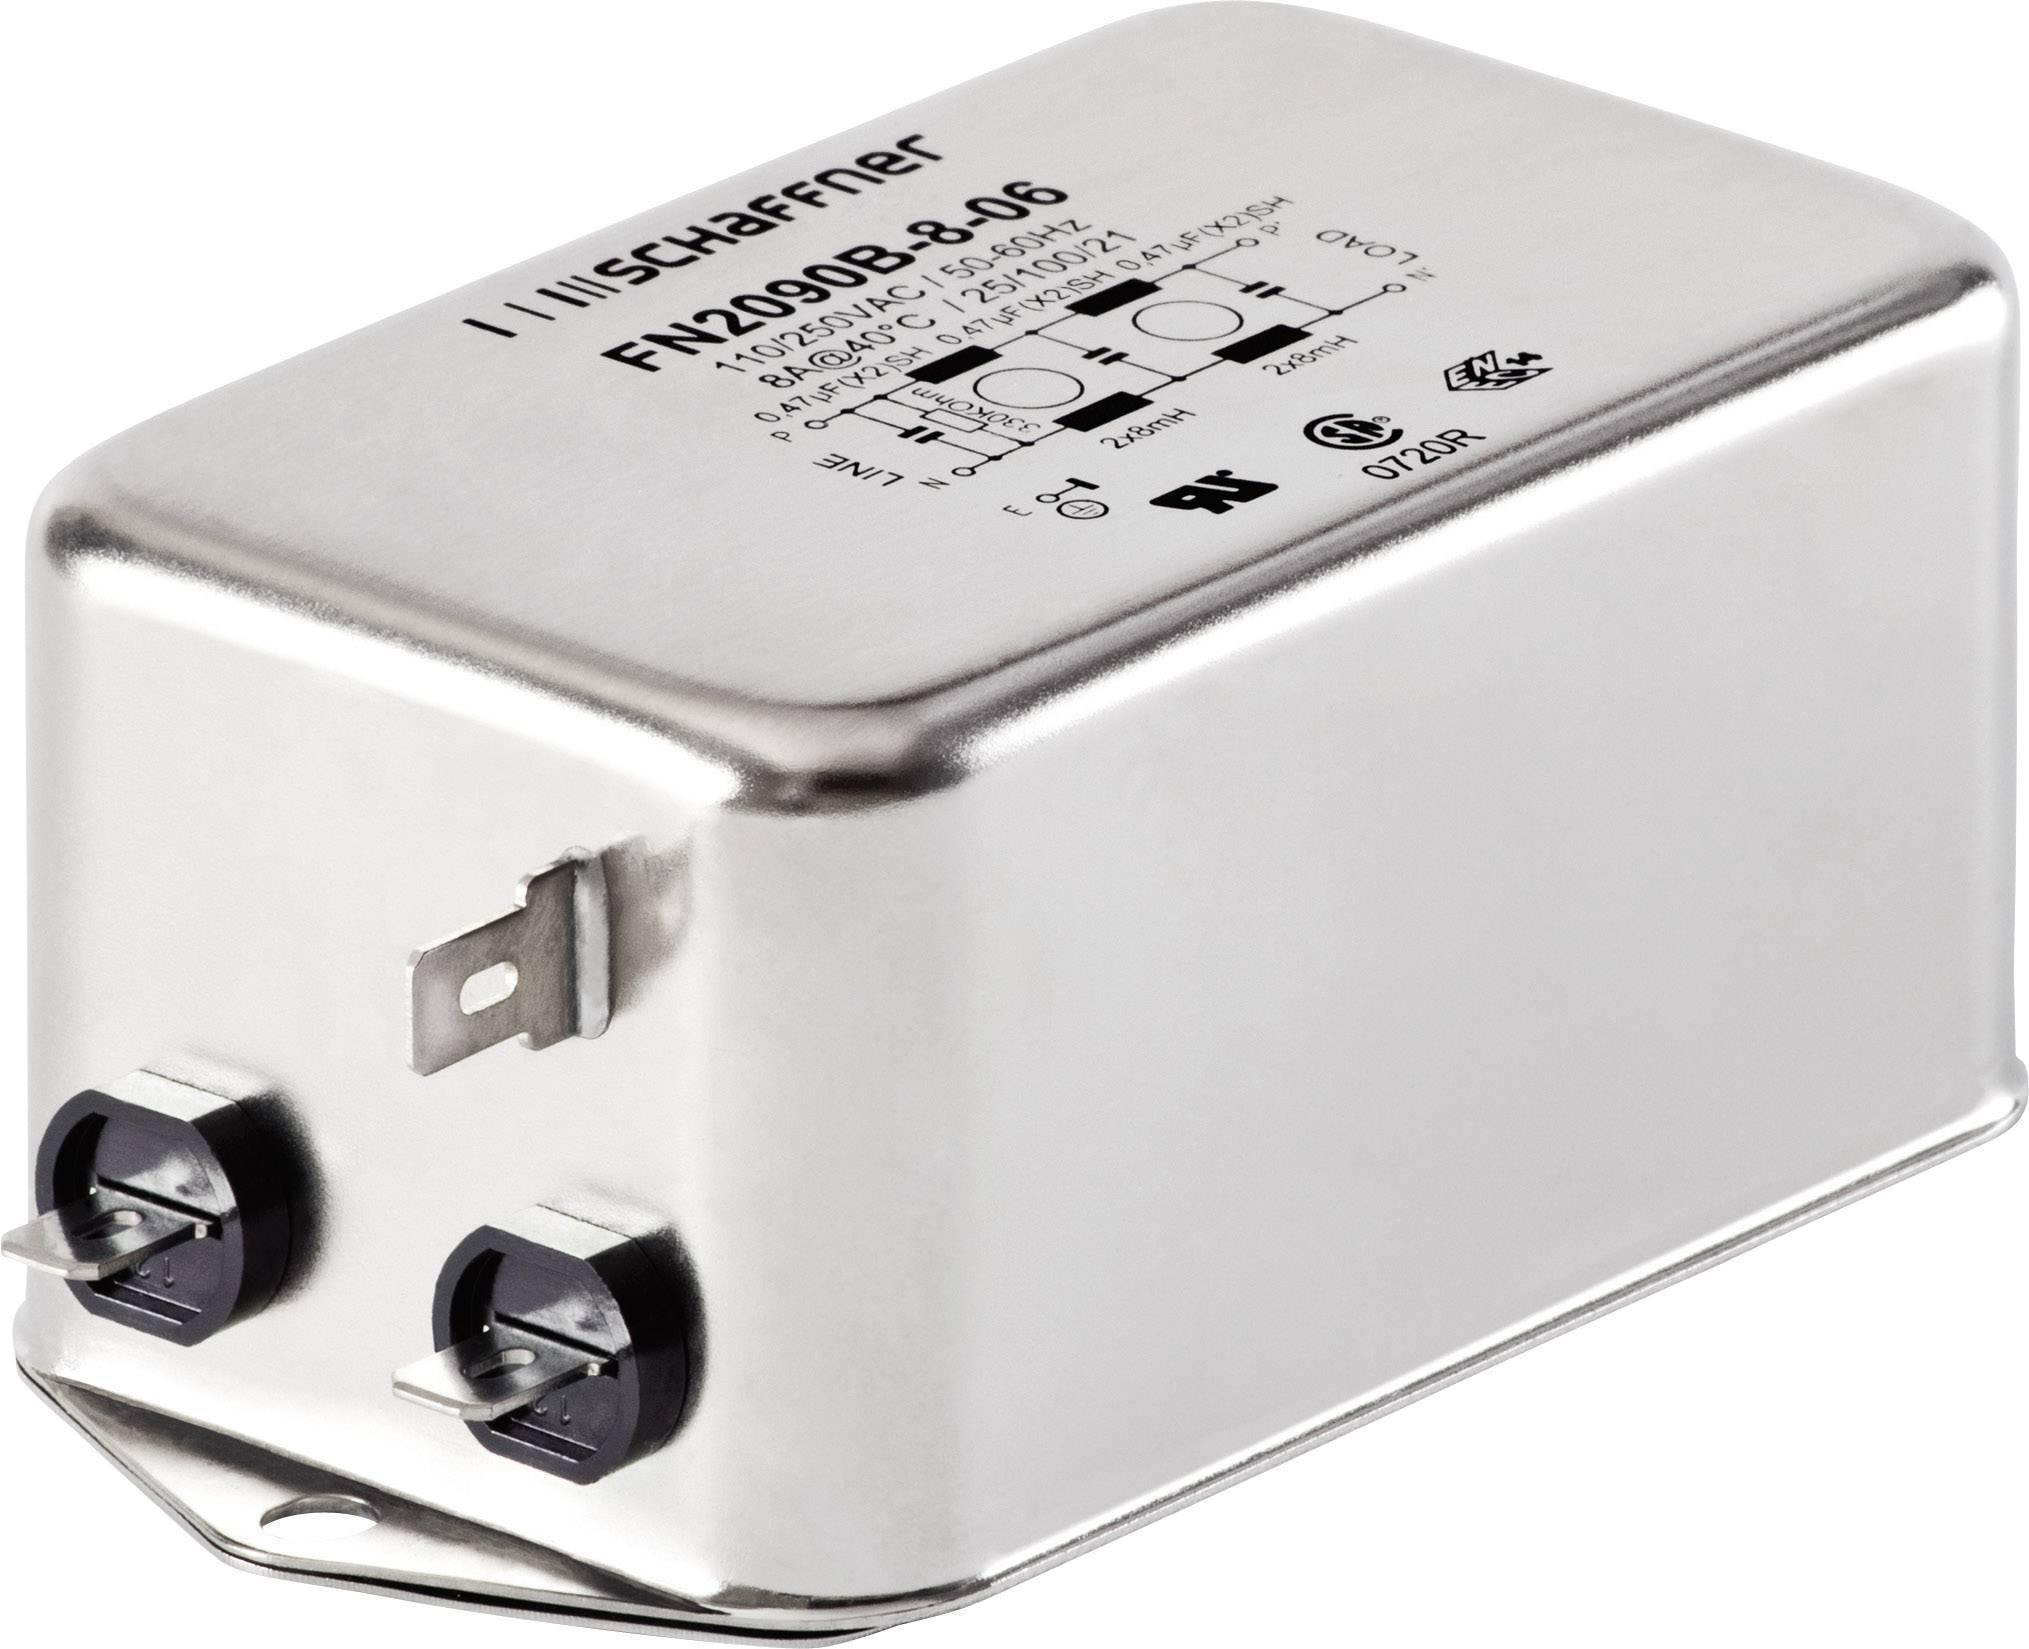 Odrušovací filter Schaffner FN2090-6-06 FN2090-6-06, 250 V/AC, 6 A, 8 mH, (d x š x v) 85 x 54 x 30.3 mm, 1 ks